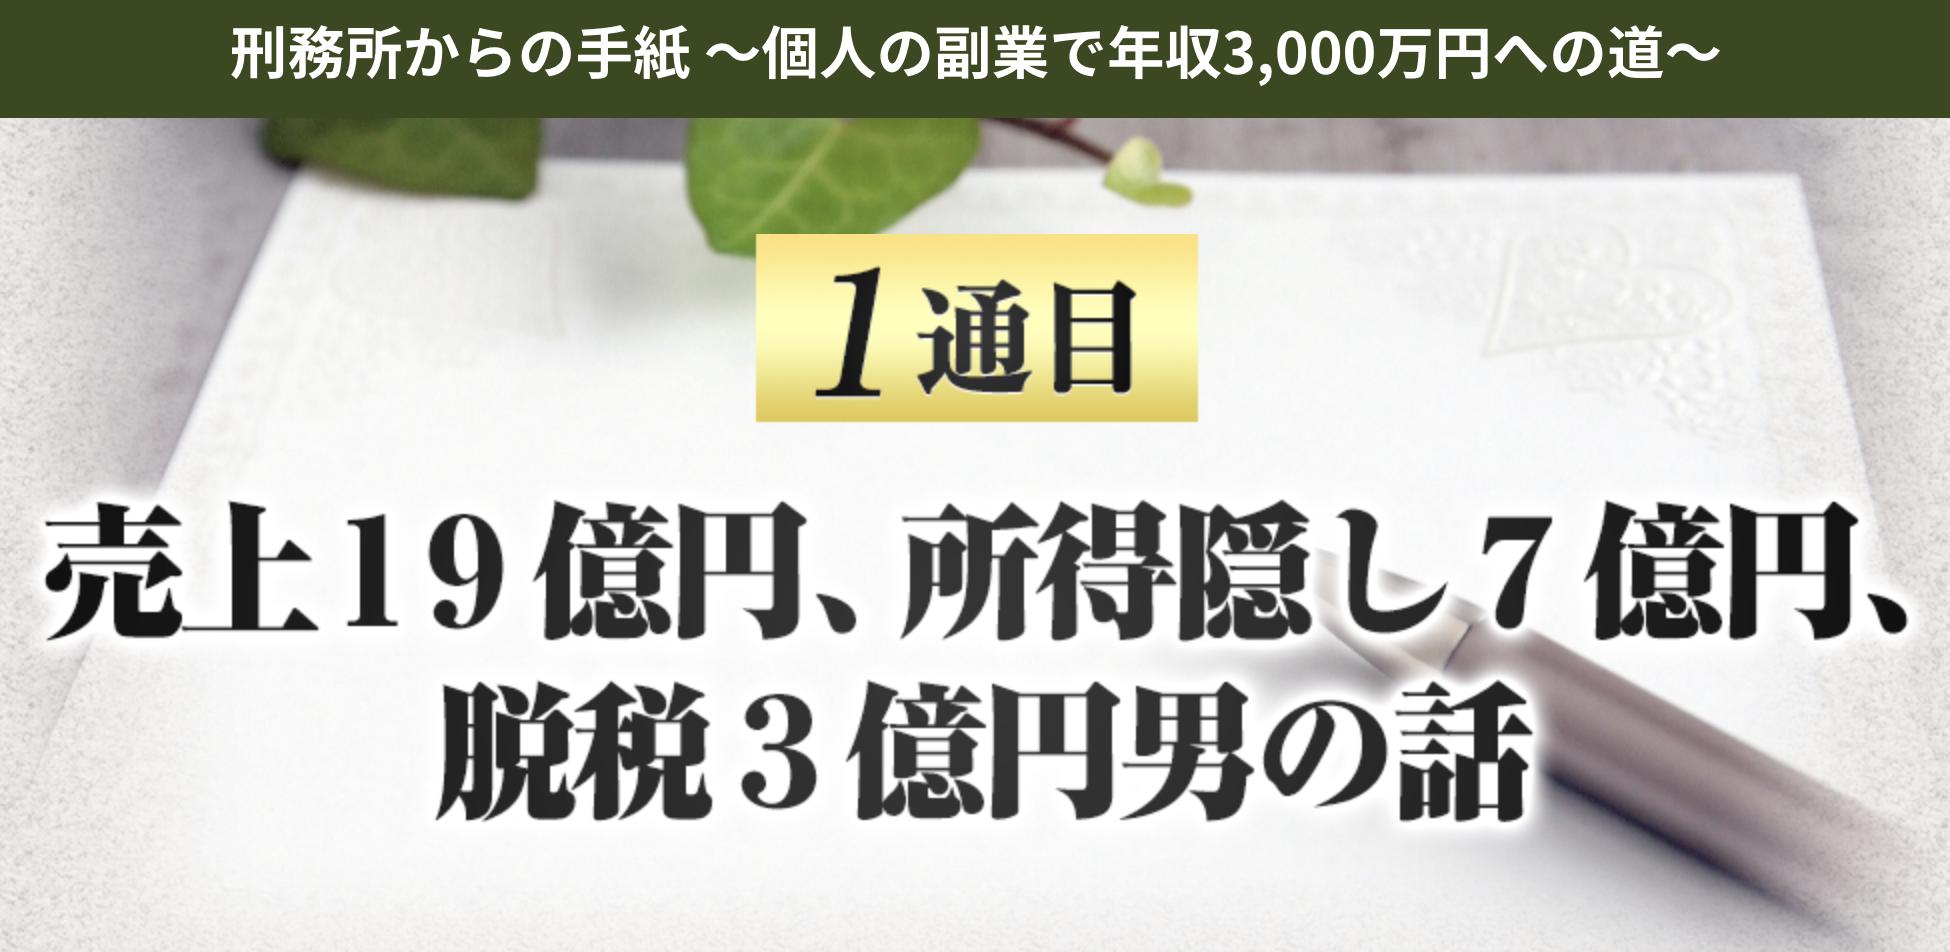 樋口裕士、真鍋健太の「刑務所からの手紙」レター